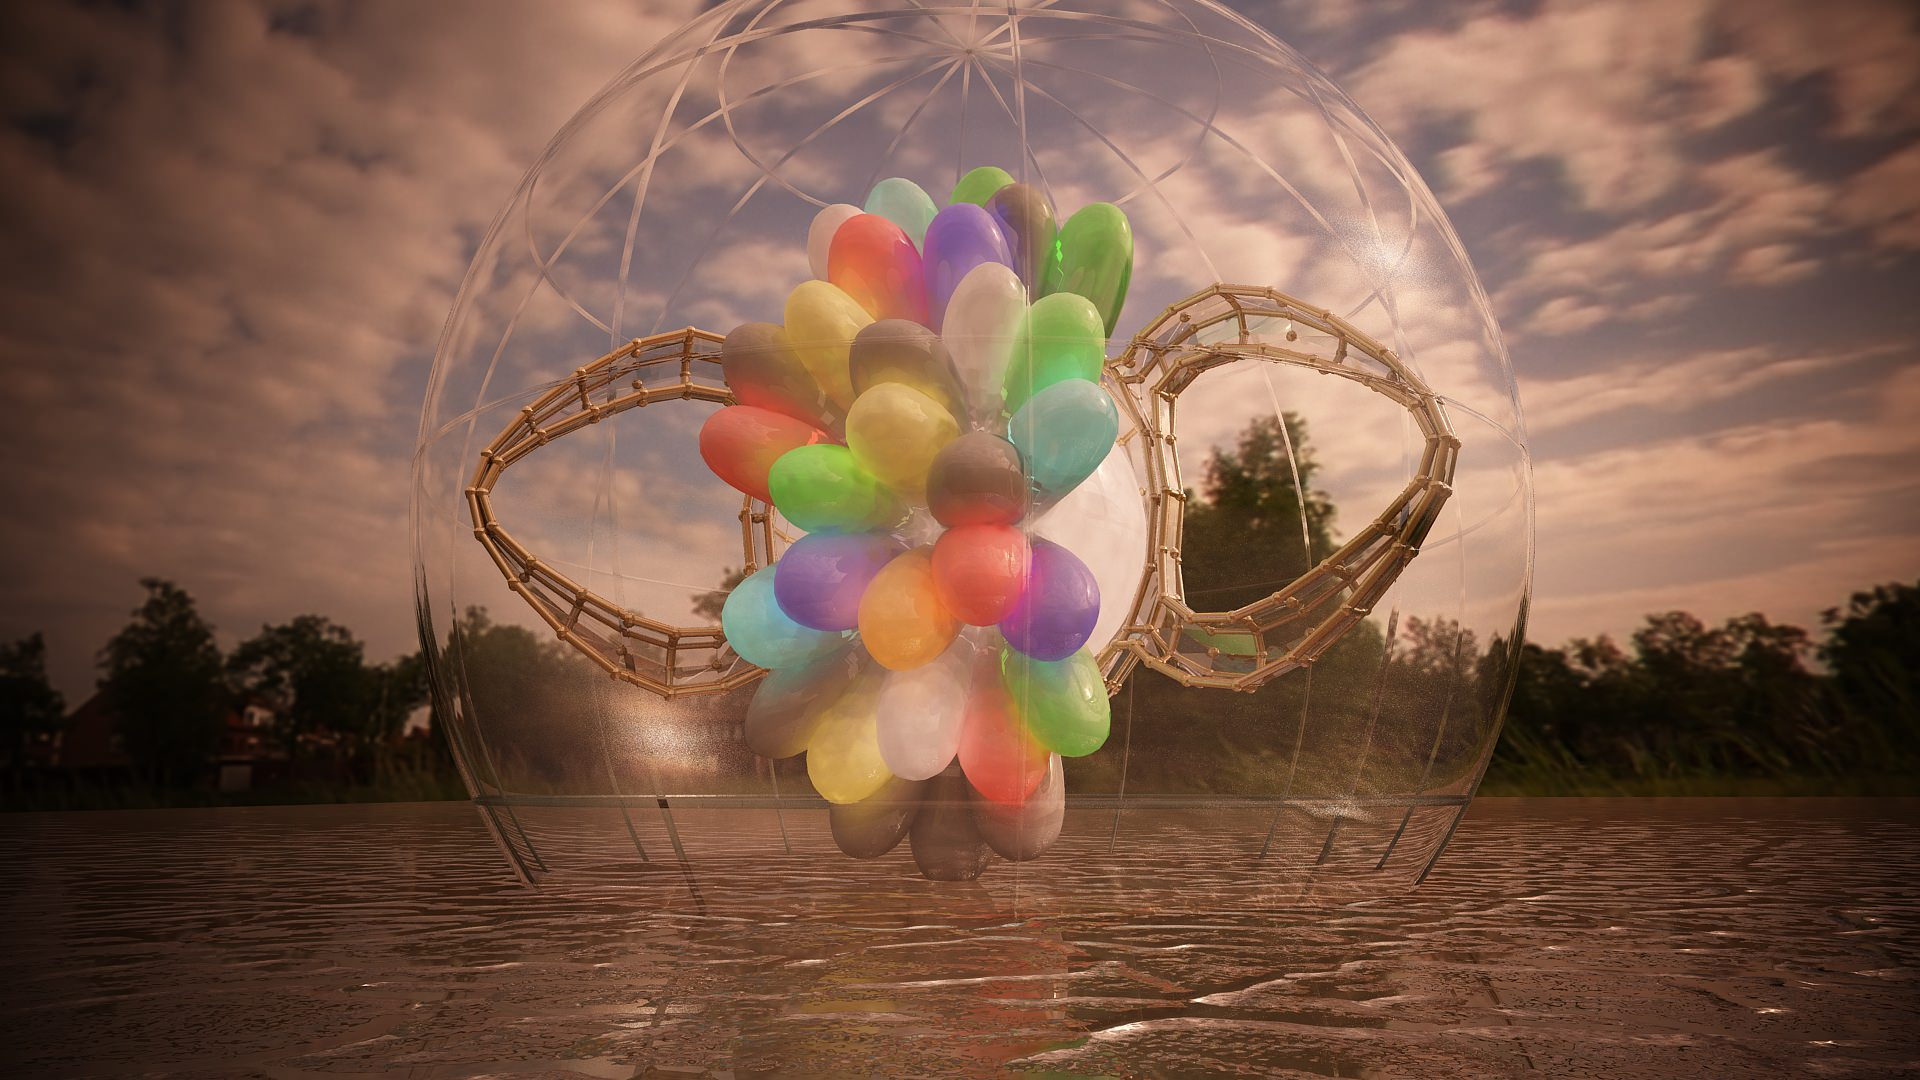 balloon_zorb_ball_vray_material_settings_no_pshop_3d_model_max_8c928de8-3a1a-4e2e-bf9c-997658361dea